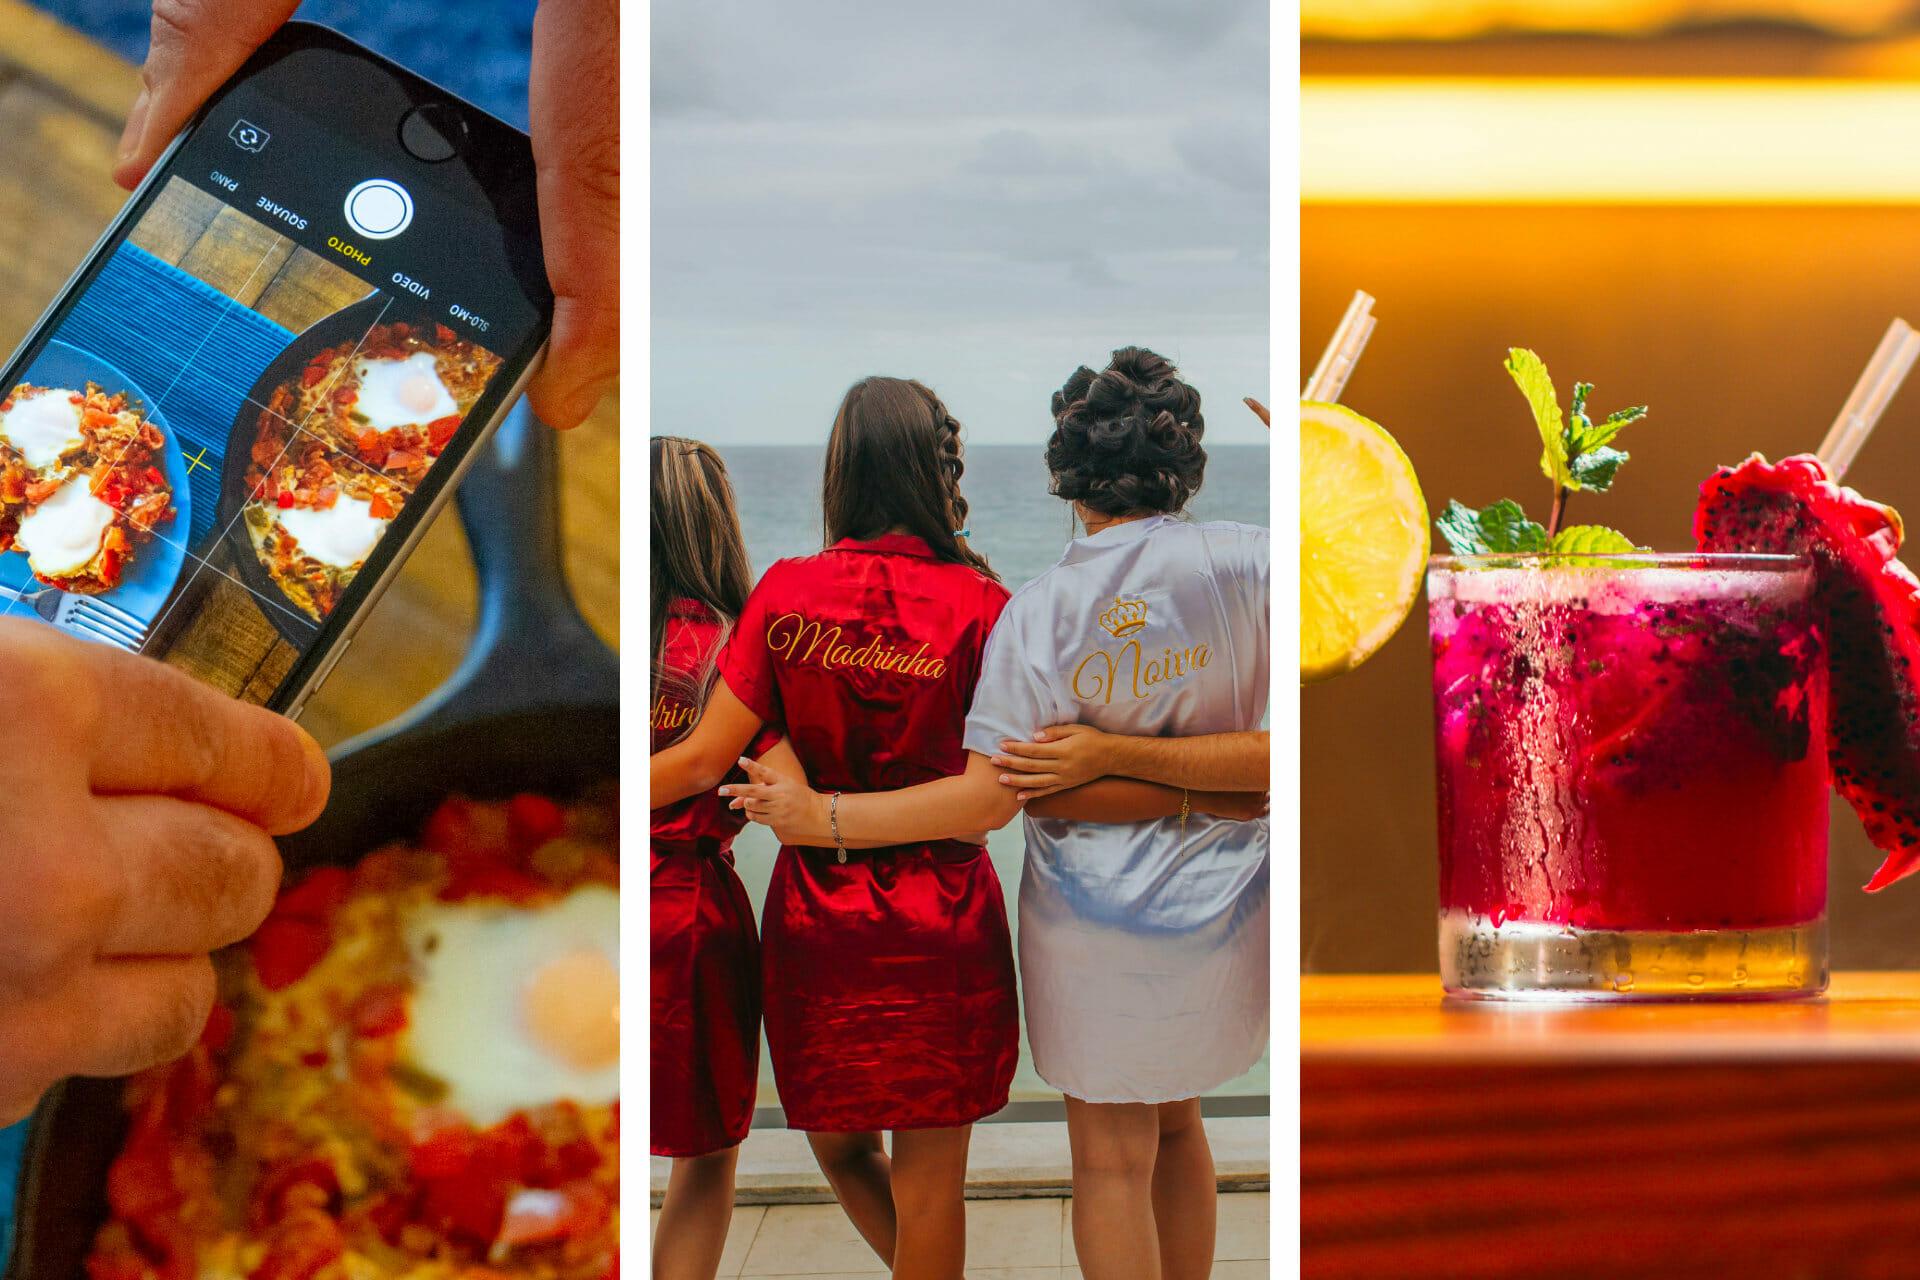 11+ Fun Orlando Bachelorette Party Ideas (in 2021) via @allamericanatlas